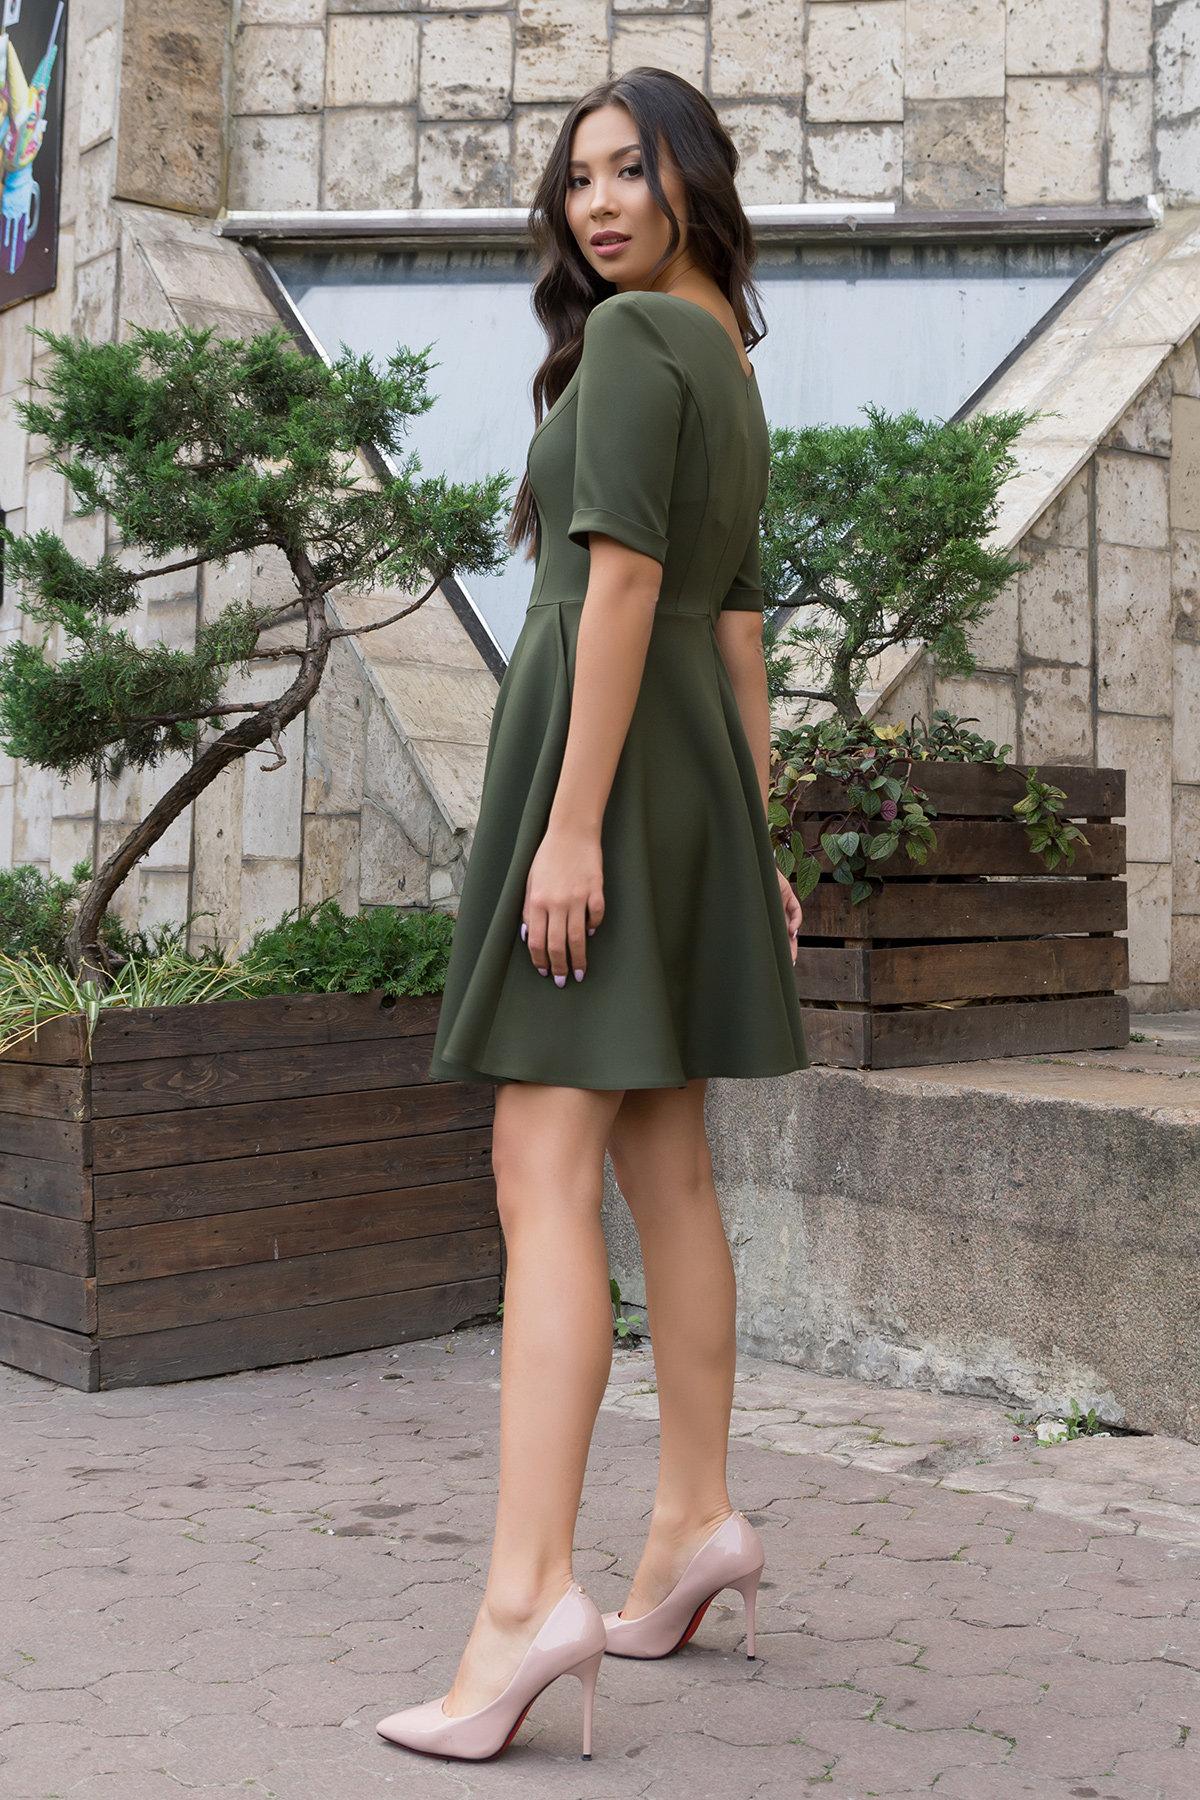 Стильное платья на пуговицах Фернанда 7848 АРТ. 43901 Цвет: Хаки - фото 3, интернет магазин tm-modus.ru